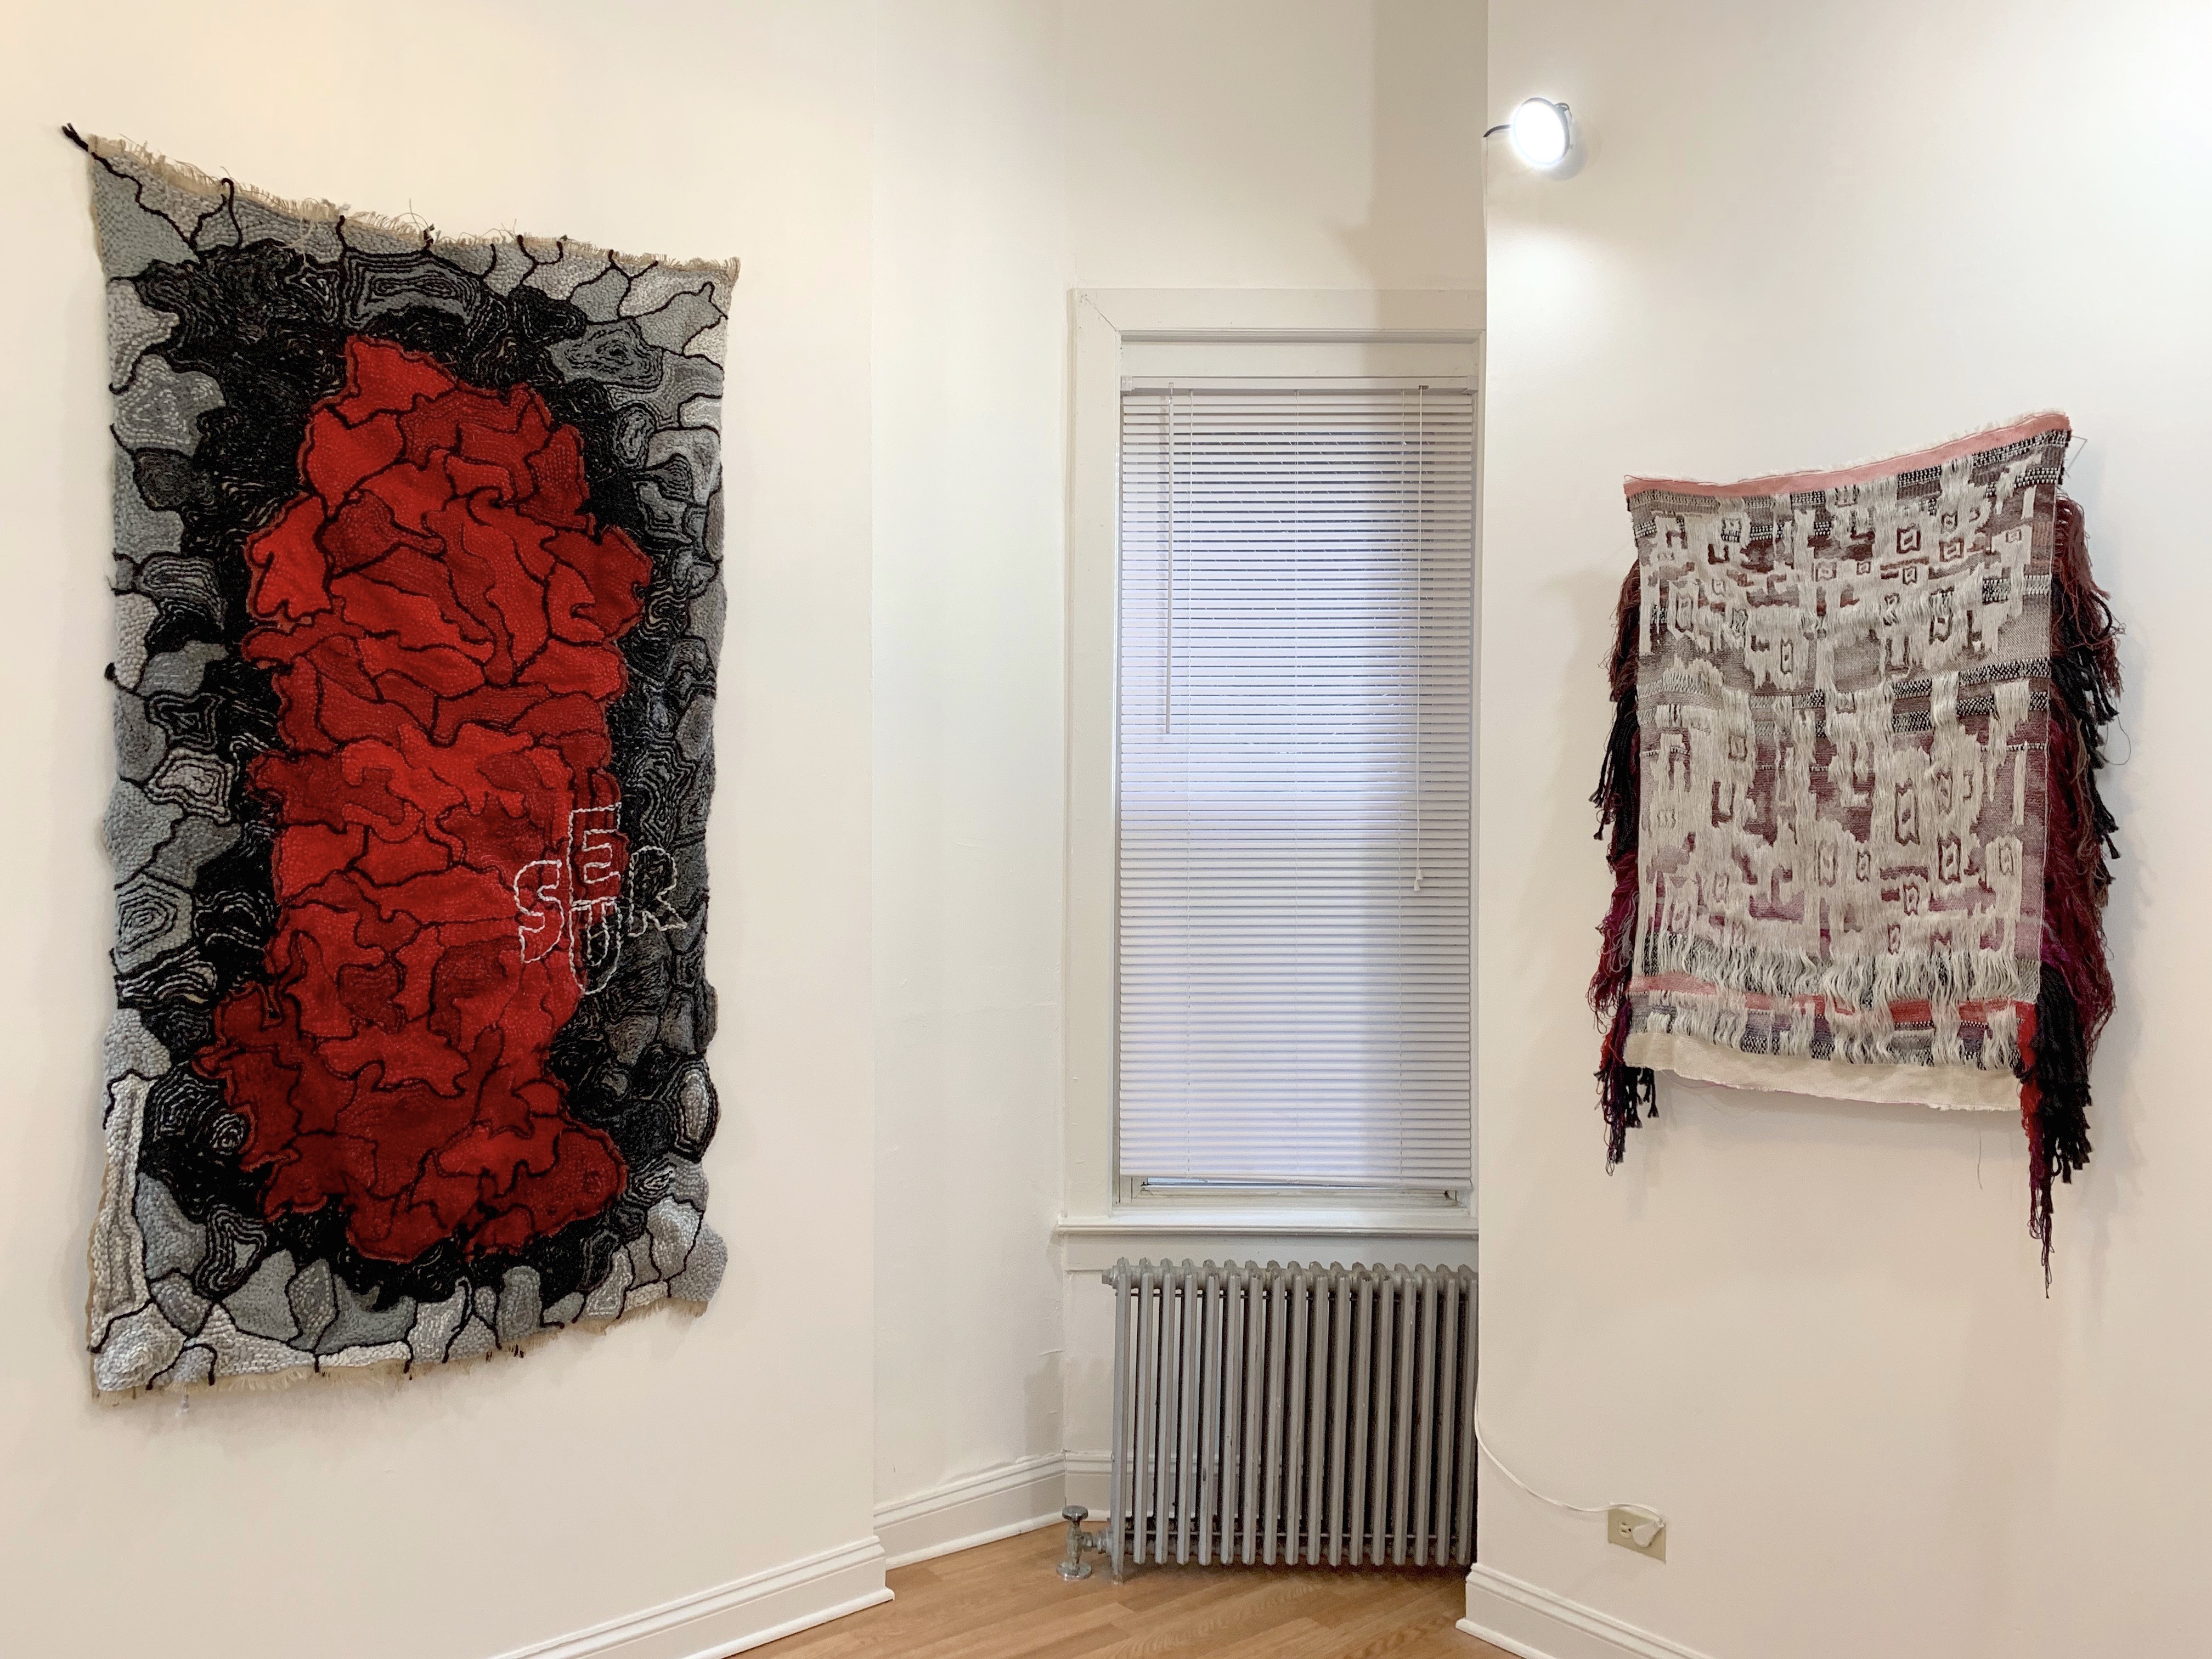 2 textiles artworks hanging on adjacent walls.